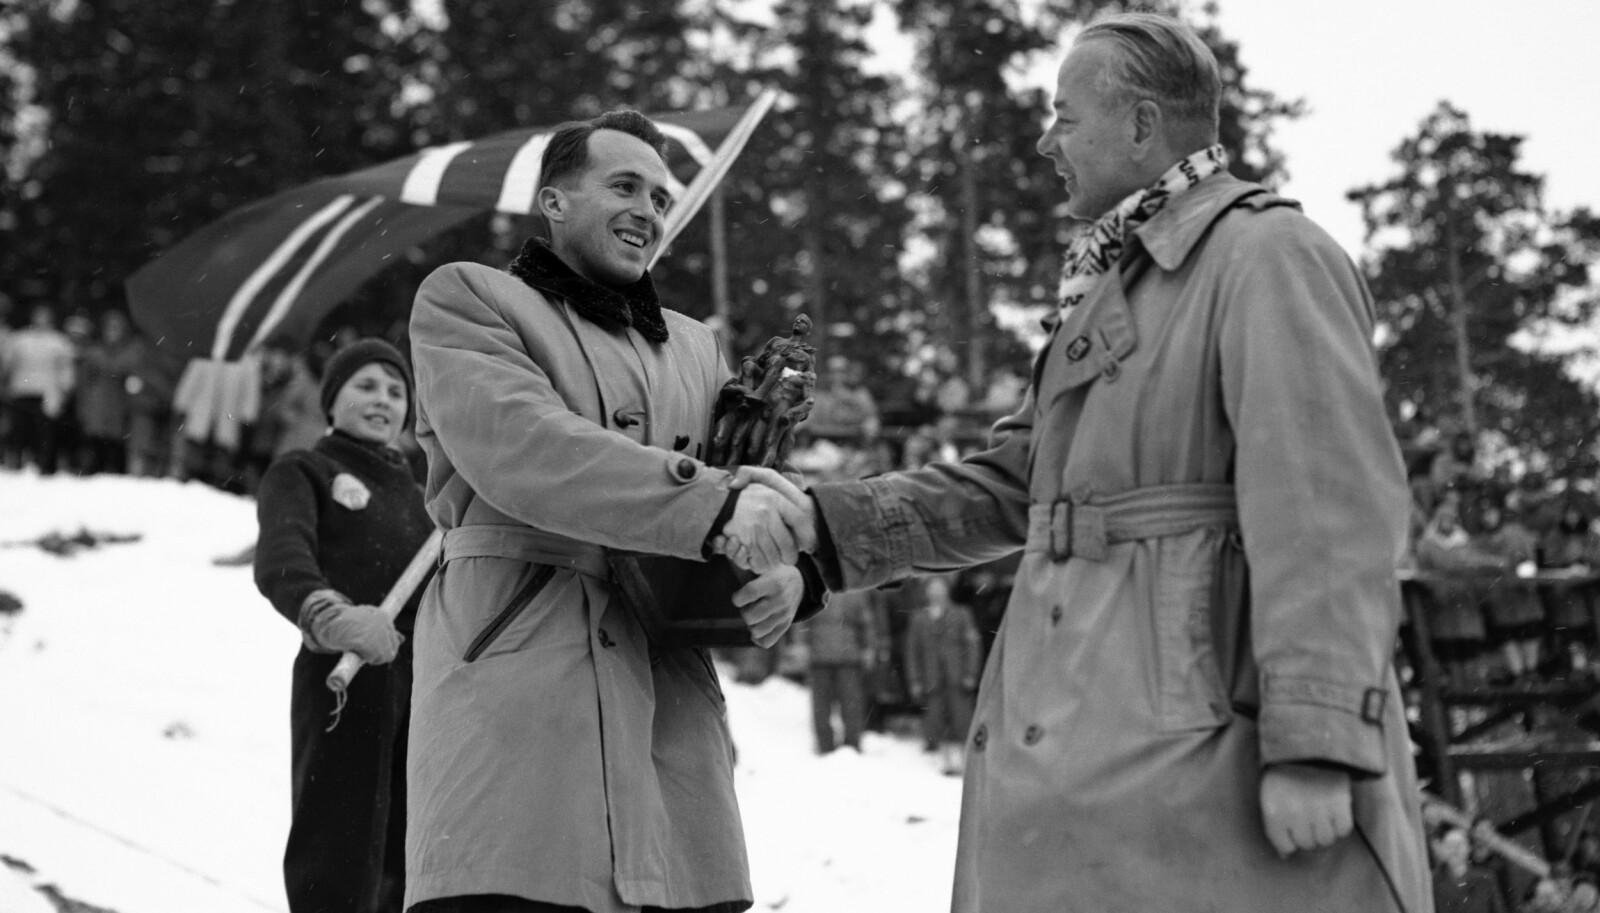 Hallgeir Brenden (t.v.) mottar Egebergs Ærespris på kulen etter 1. omgang av hopprennet i NM i 1954. Det er Arthur Ruud som overrakte prisen. I bakgrunnen en lokal flaggbærer.